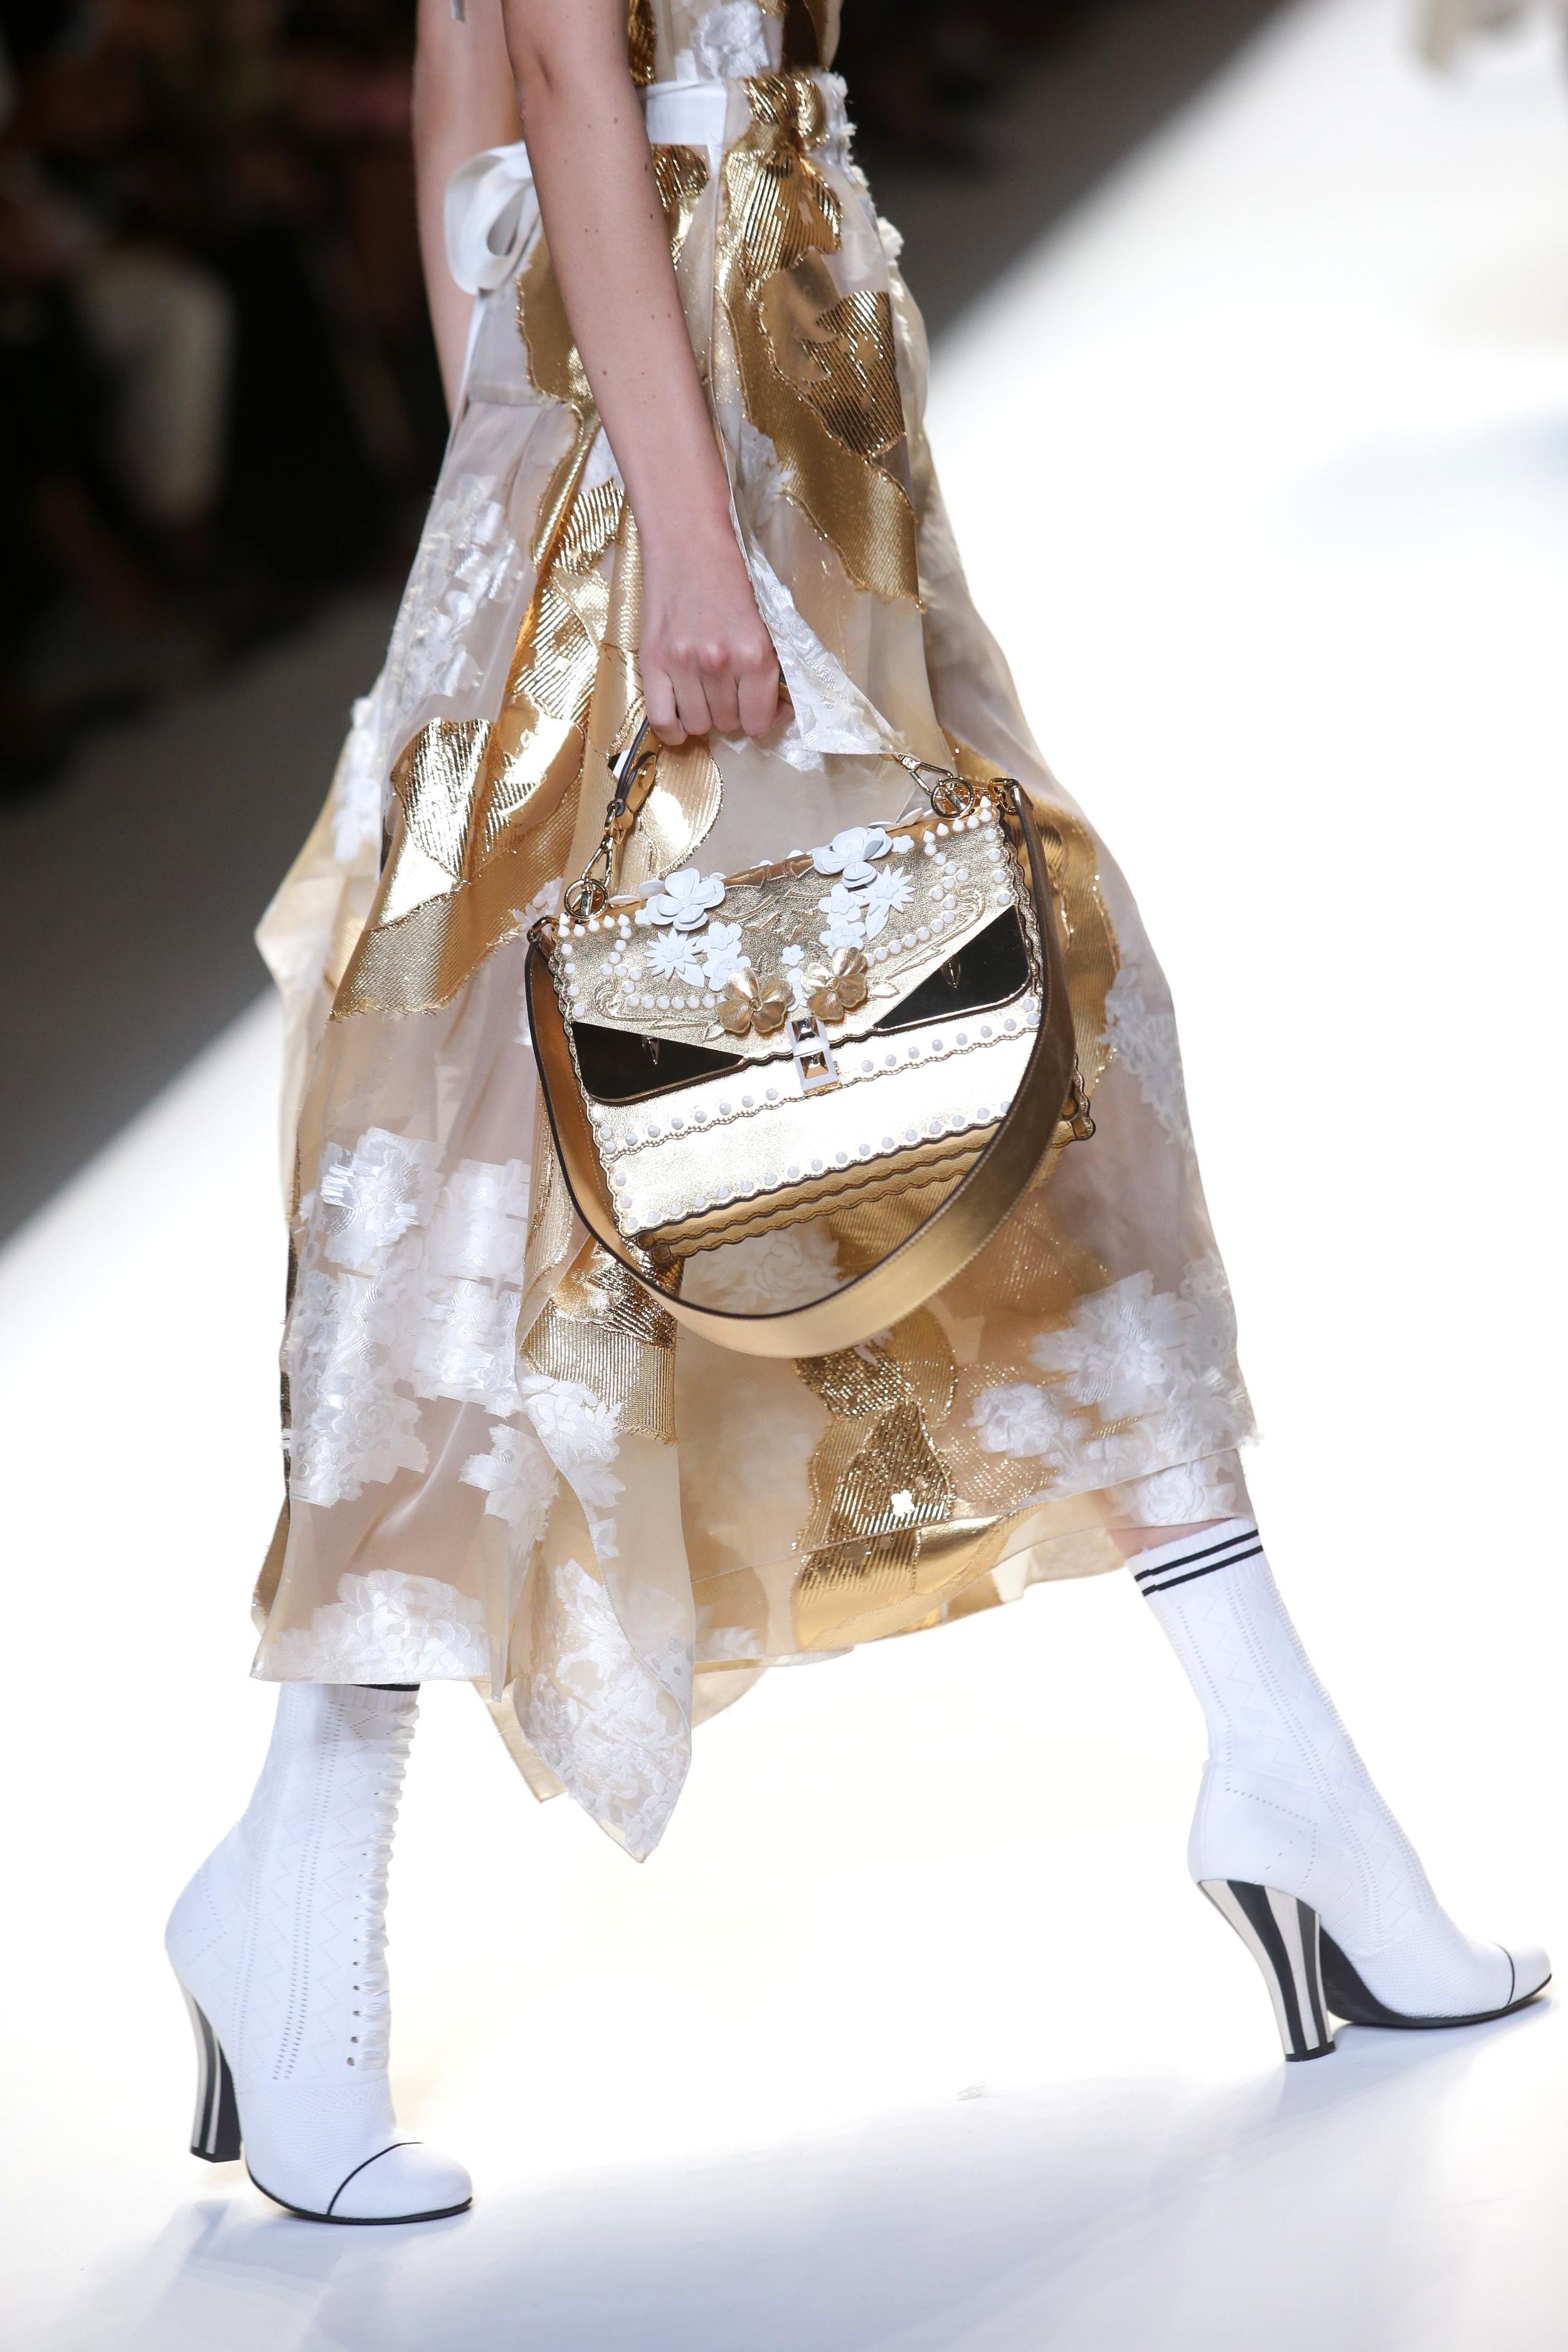 Mailand Fashion Week Spring: Eine goldfarbene Metallic-Handtasche auf dem Laufsteg von Fendi (ddp images)